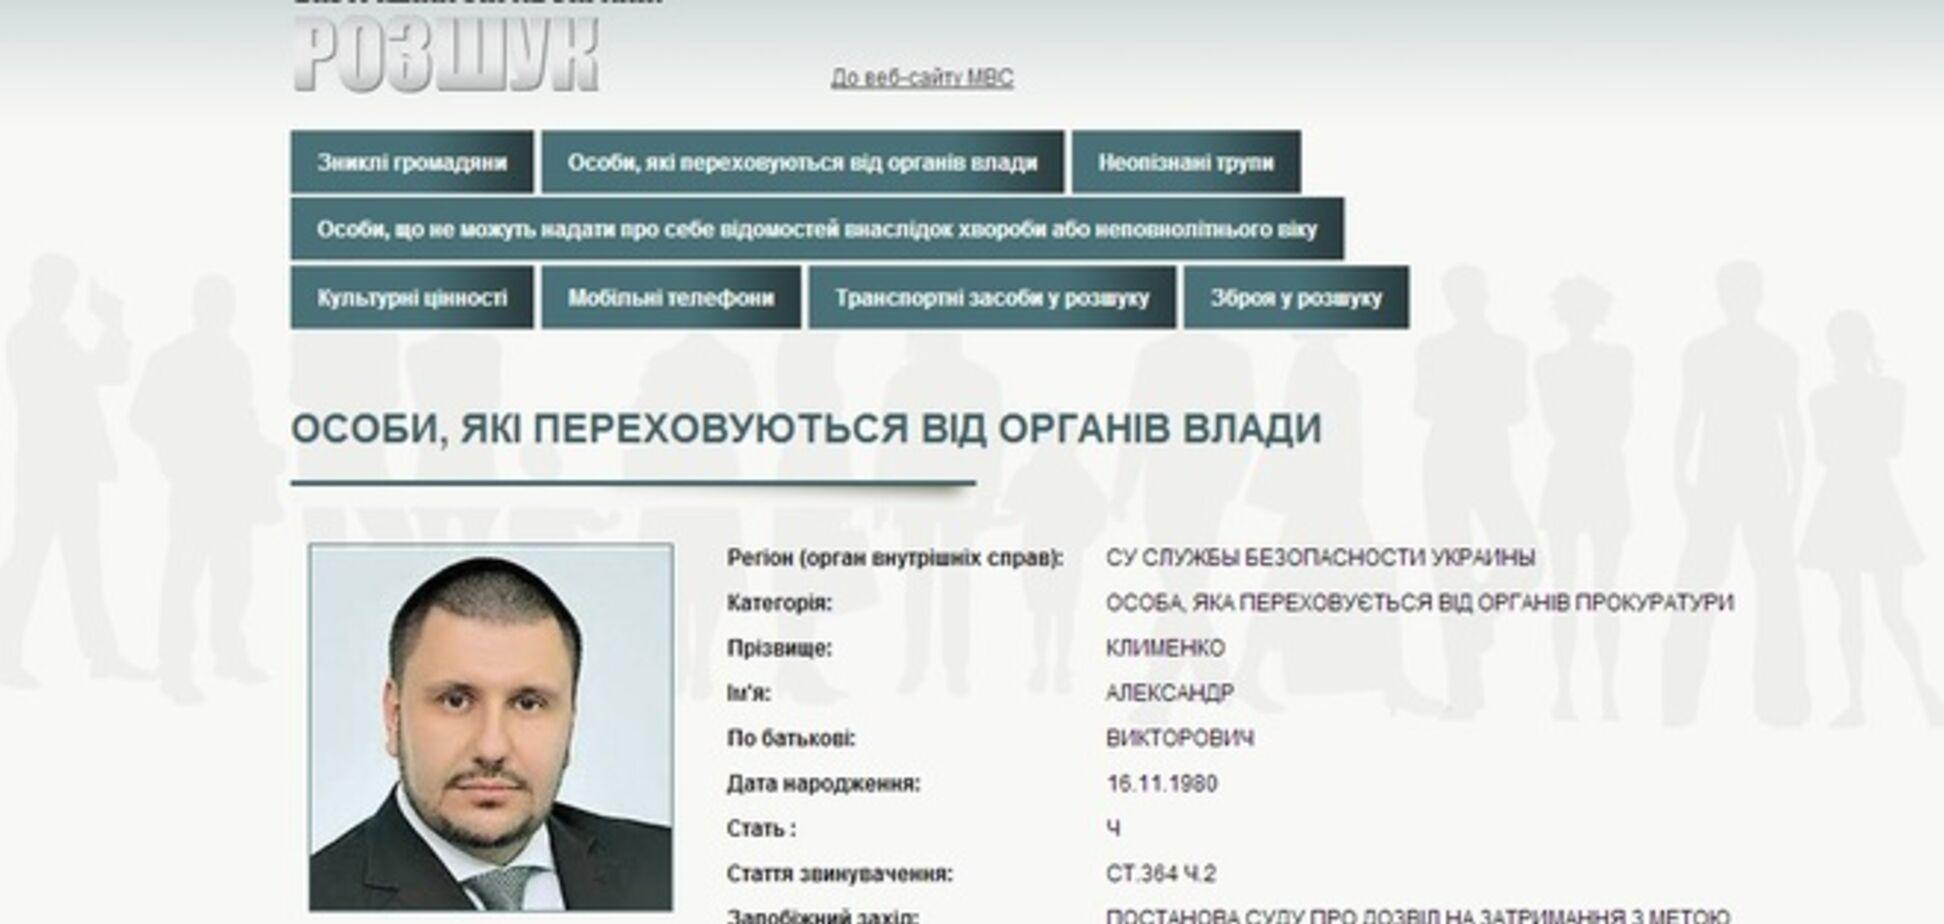 Екс-глава Міндоходов Клименко оголошений в розшук